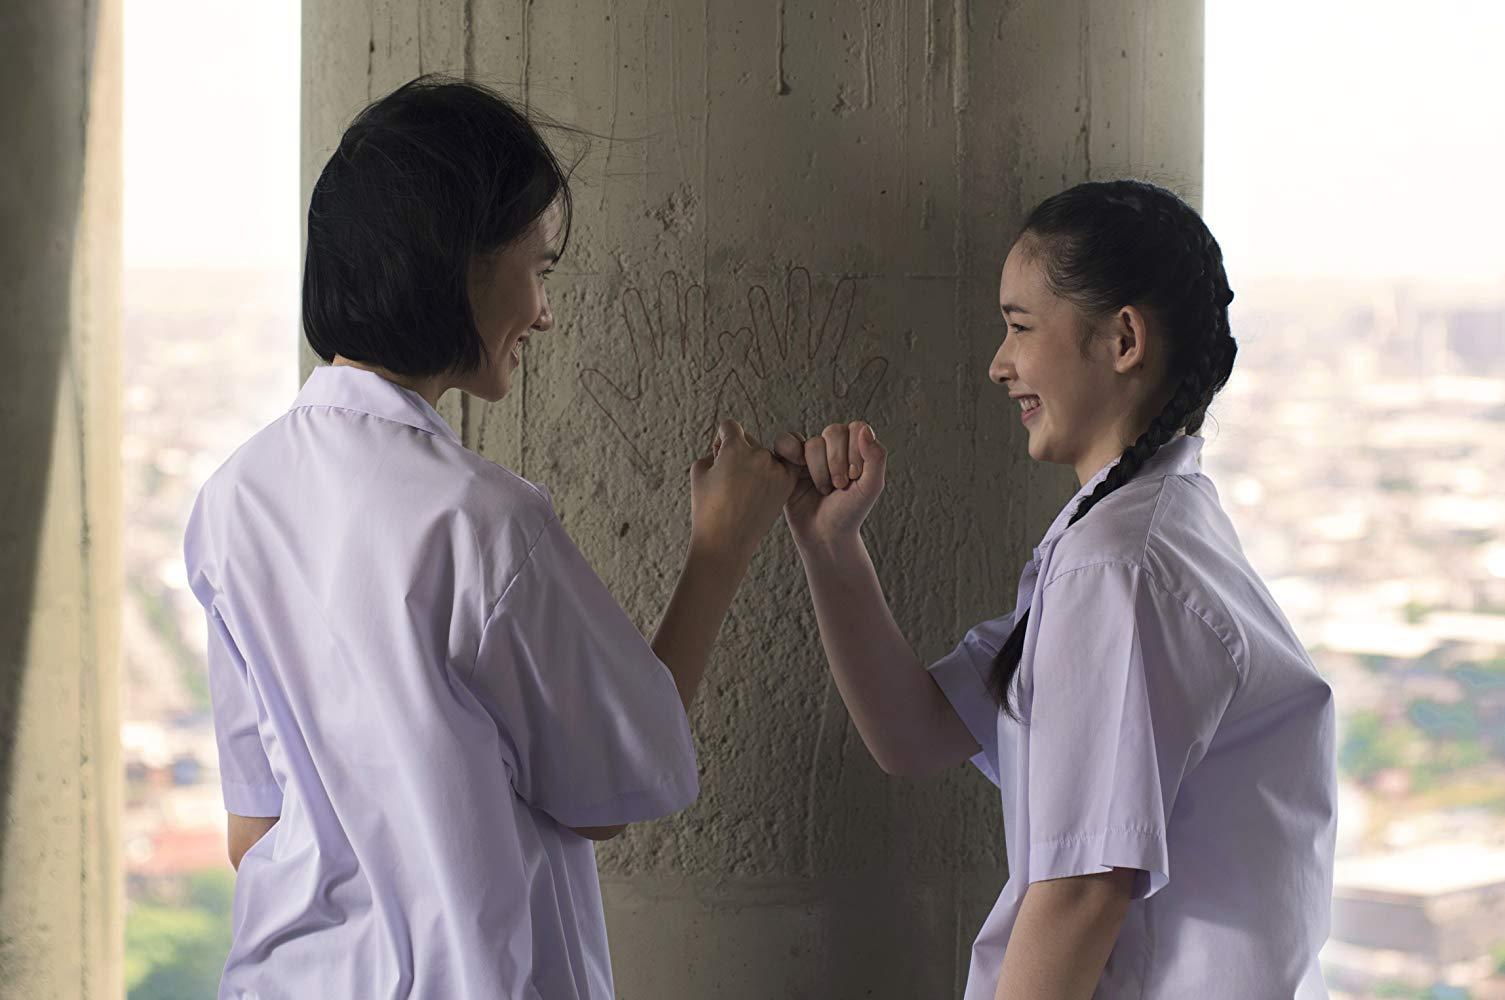 Thunyaphat Pattarateerachaicharoen and Panisara Rikulsurakan in the film.